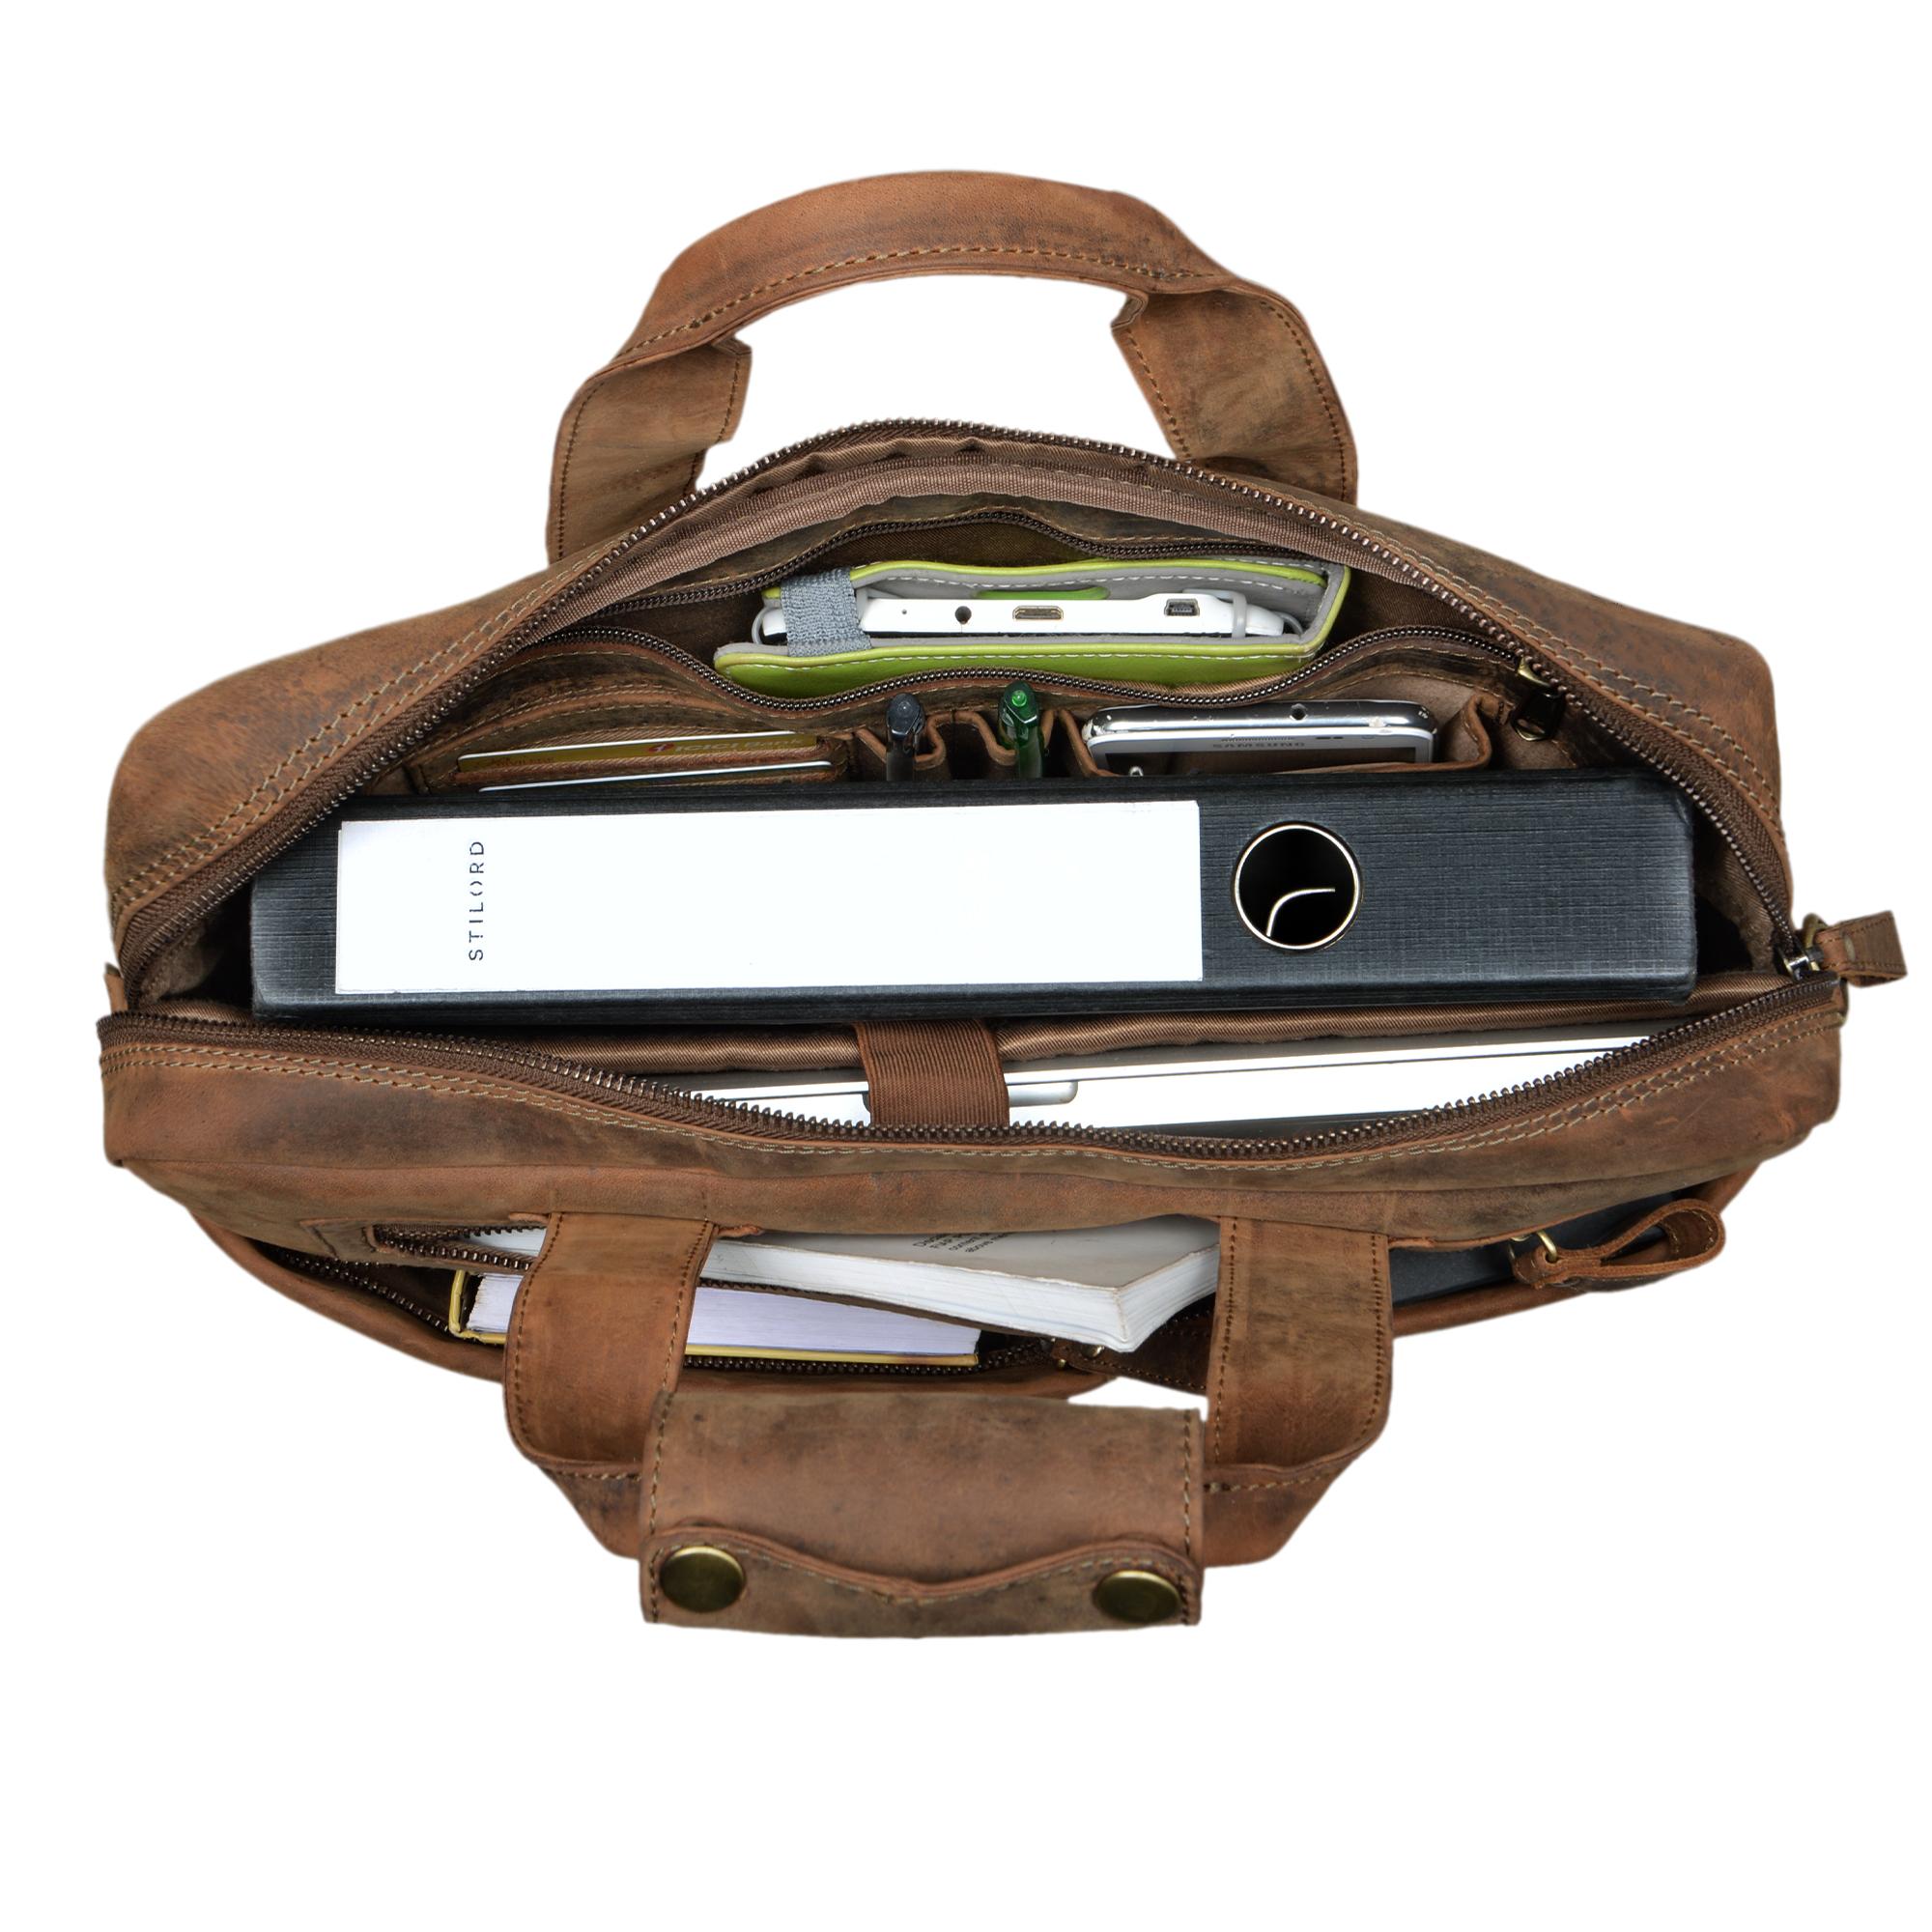 """STILORD """"Patrice"""" Große Leder Umhängetasche Herren Vintage Schultertasche für DIN A4 Ordner Businesstasche mit 15.6 Zoll Laptopfach Trolley aufsteckbar - Bild 12"""